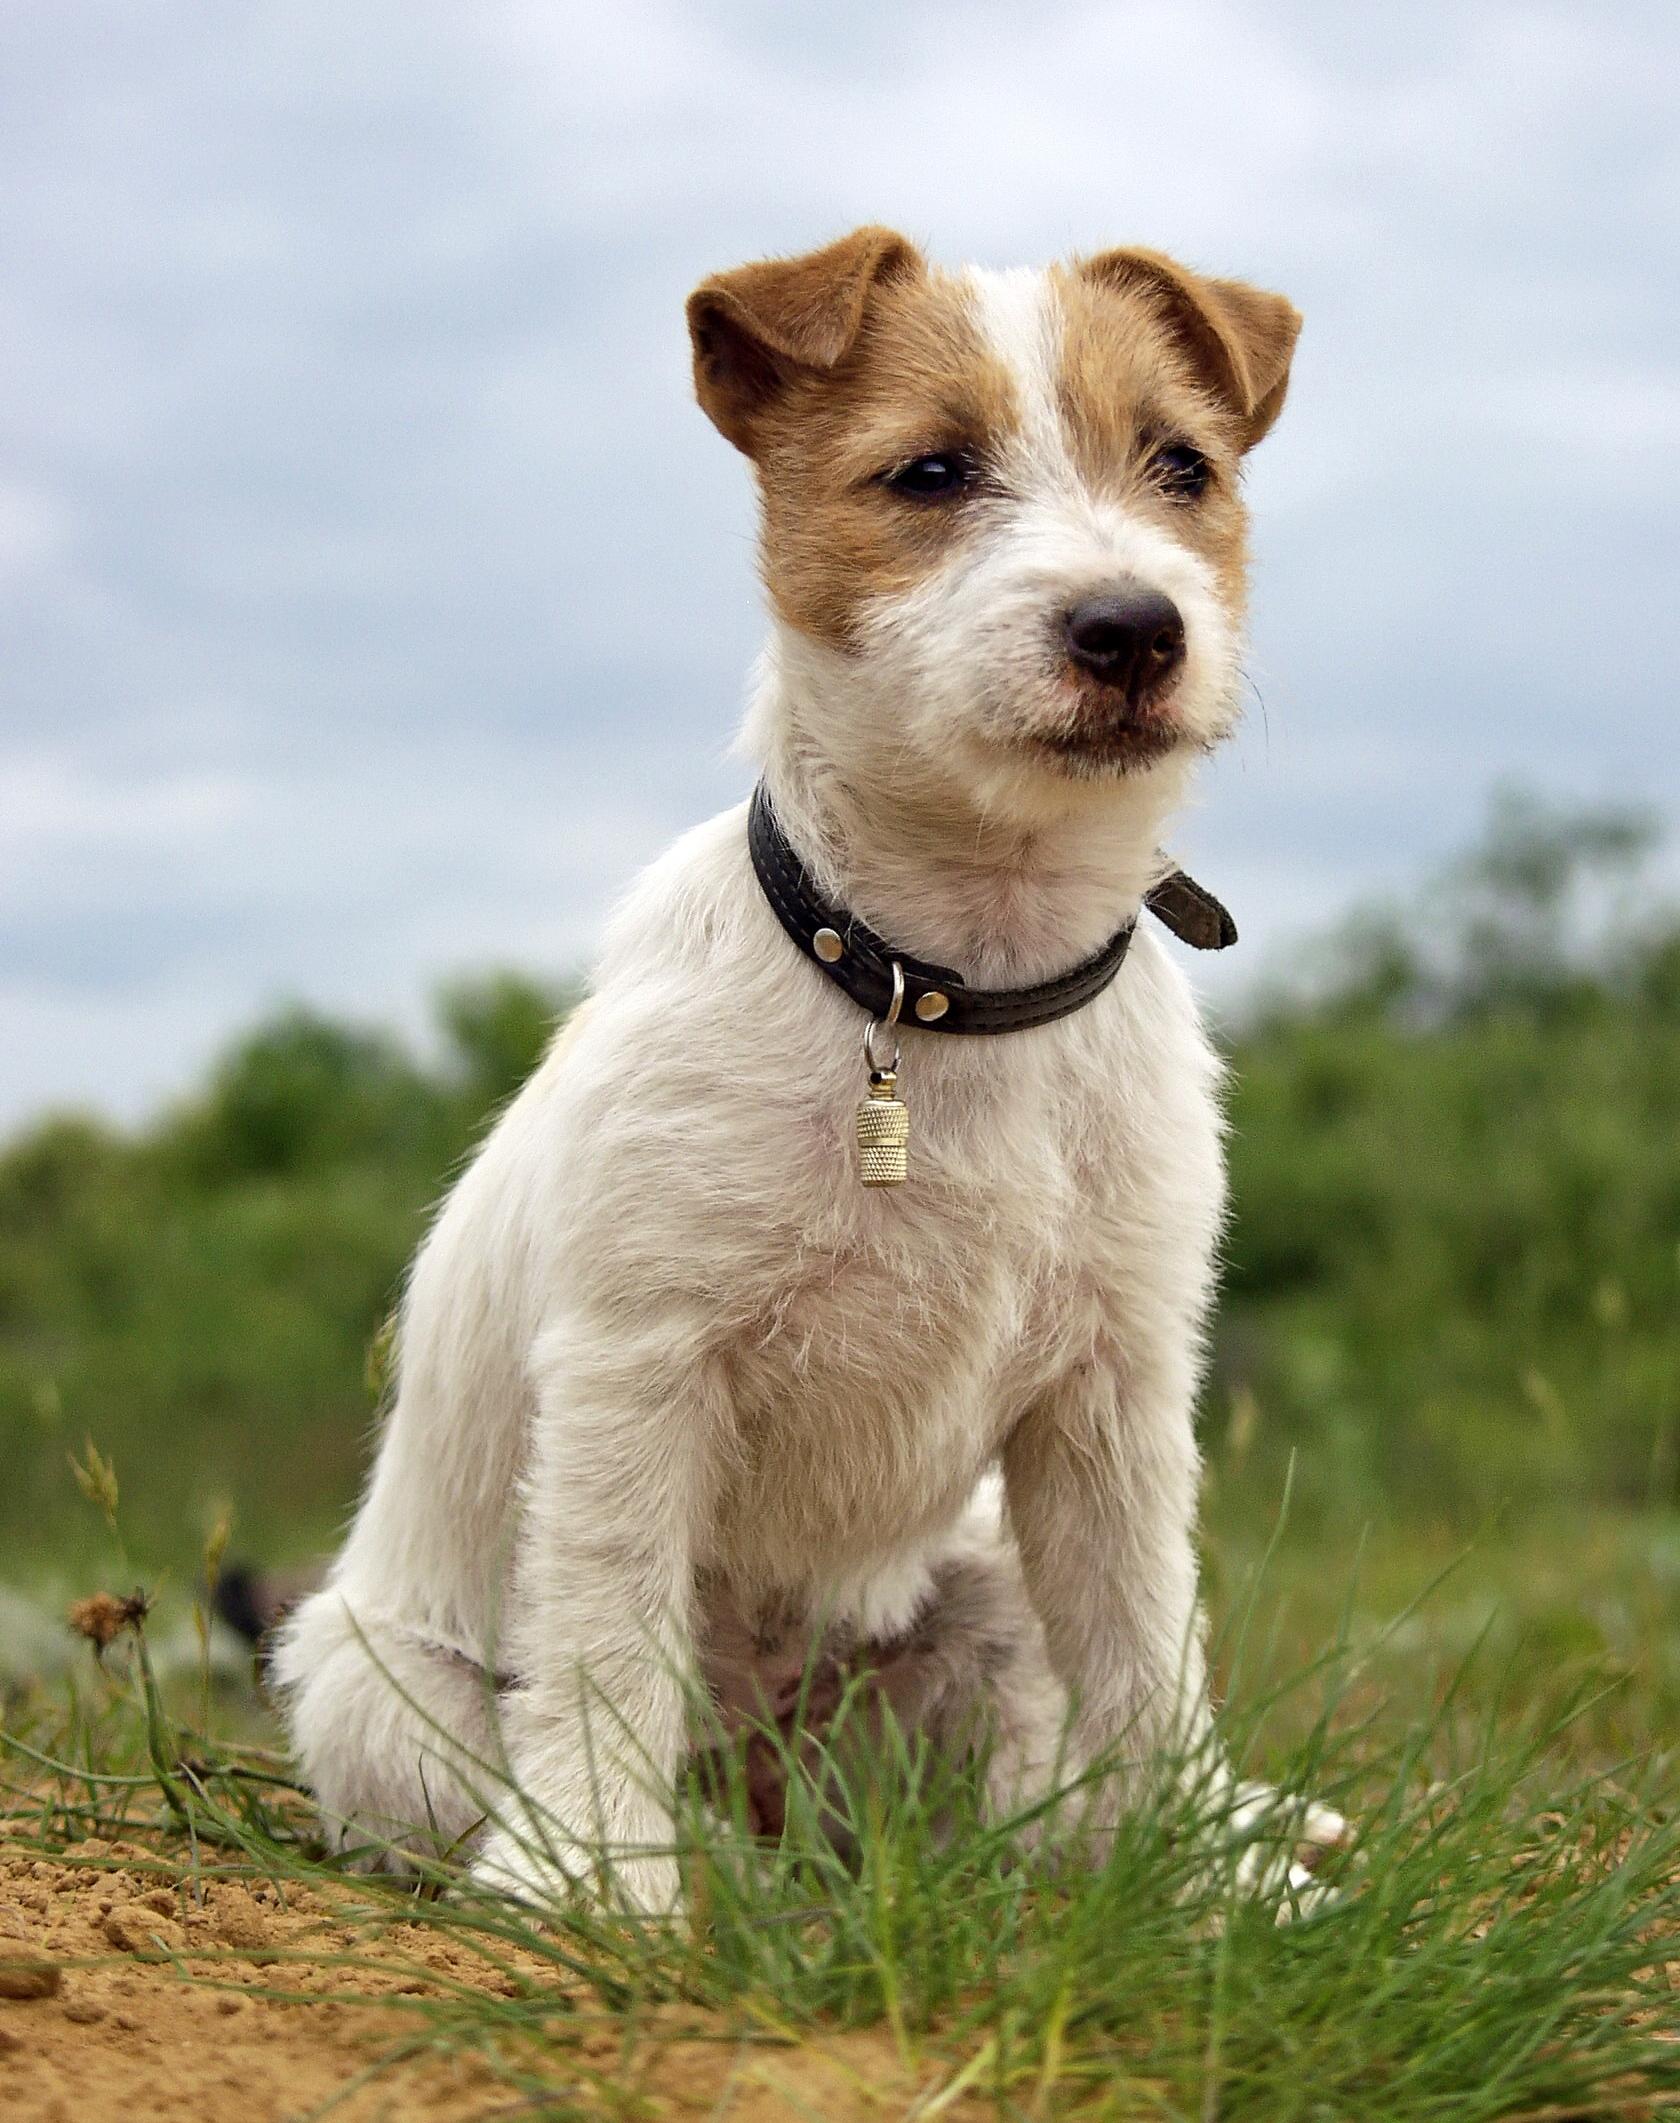 File:Szczenie Jack Russell Terrier3.jpg - Wikimedia Commons